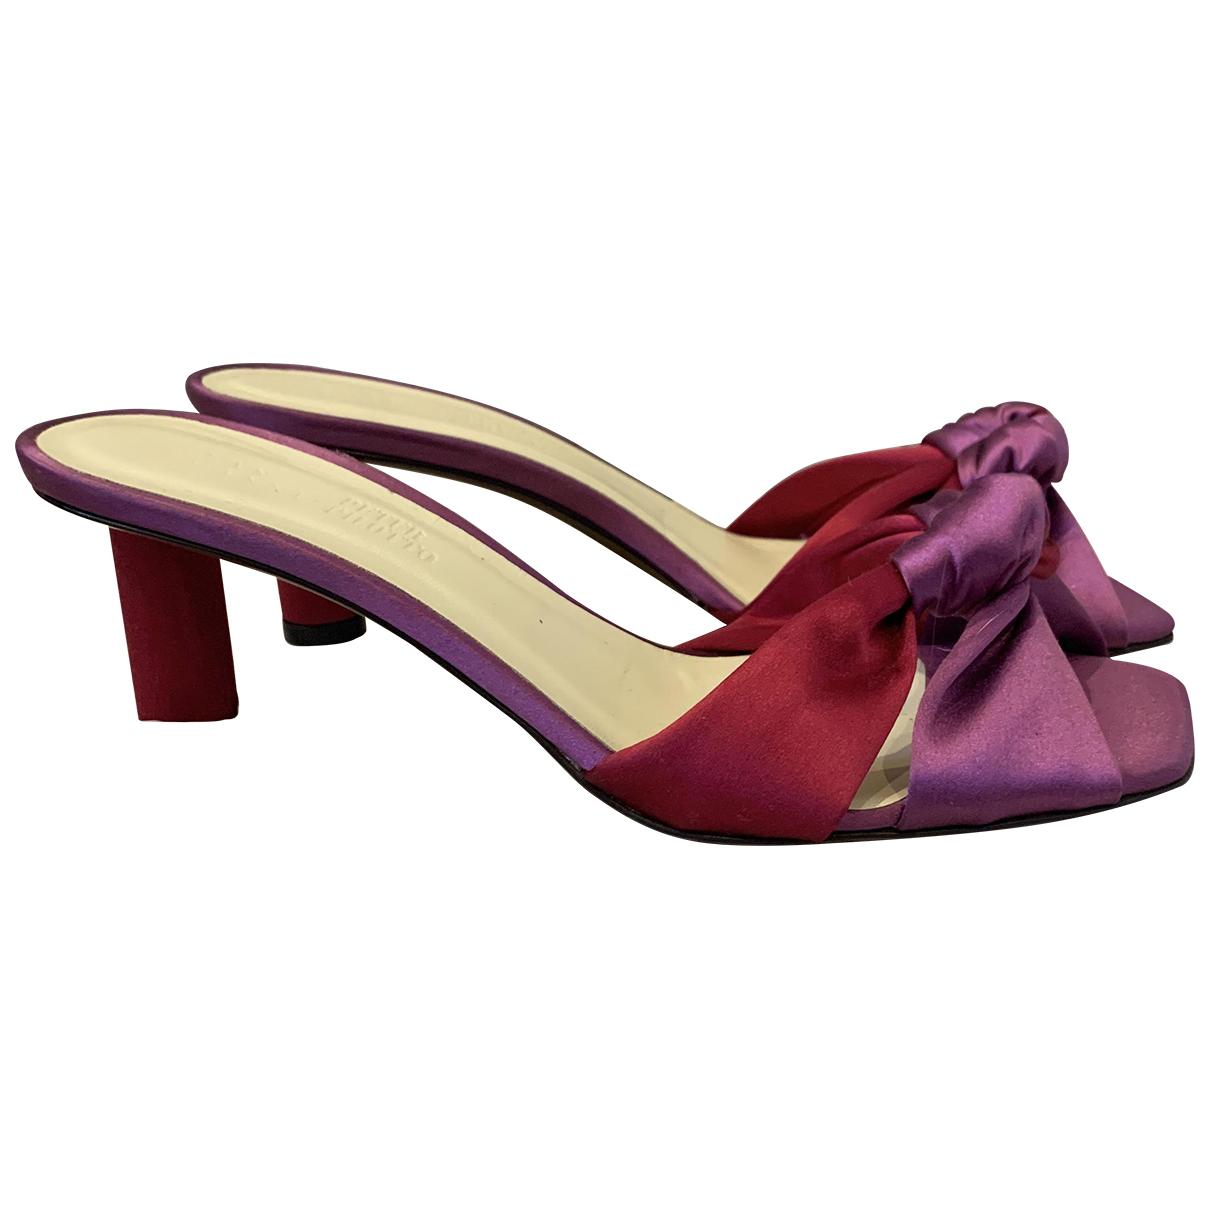 Peter Pilotto - Sandales   pour femme en toile - rose